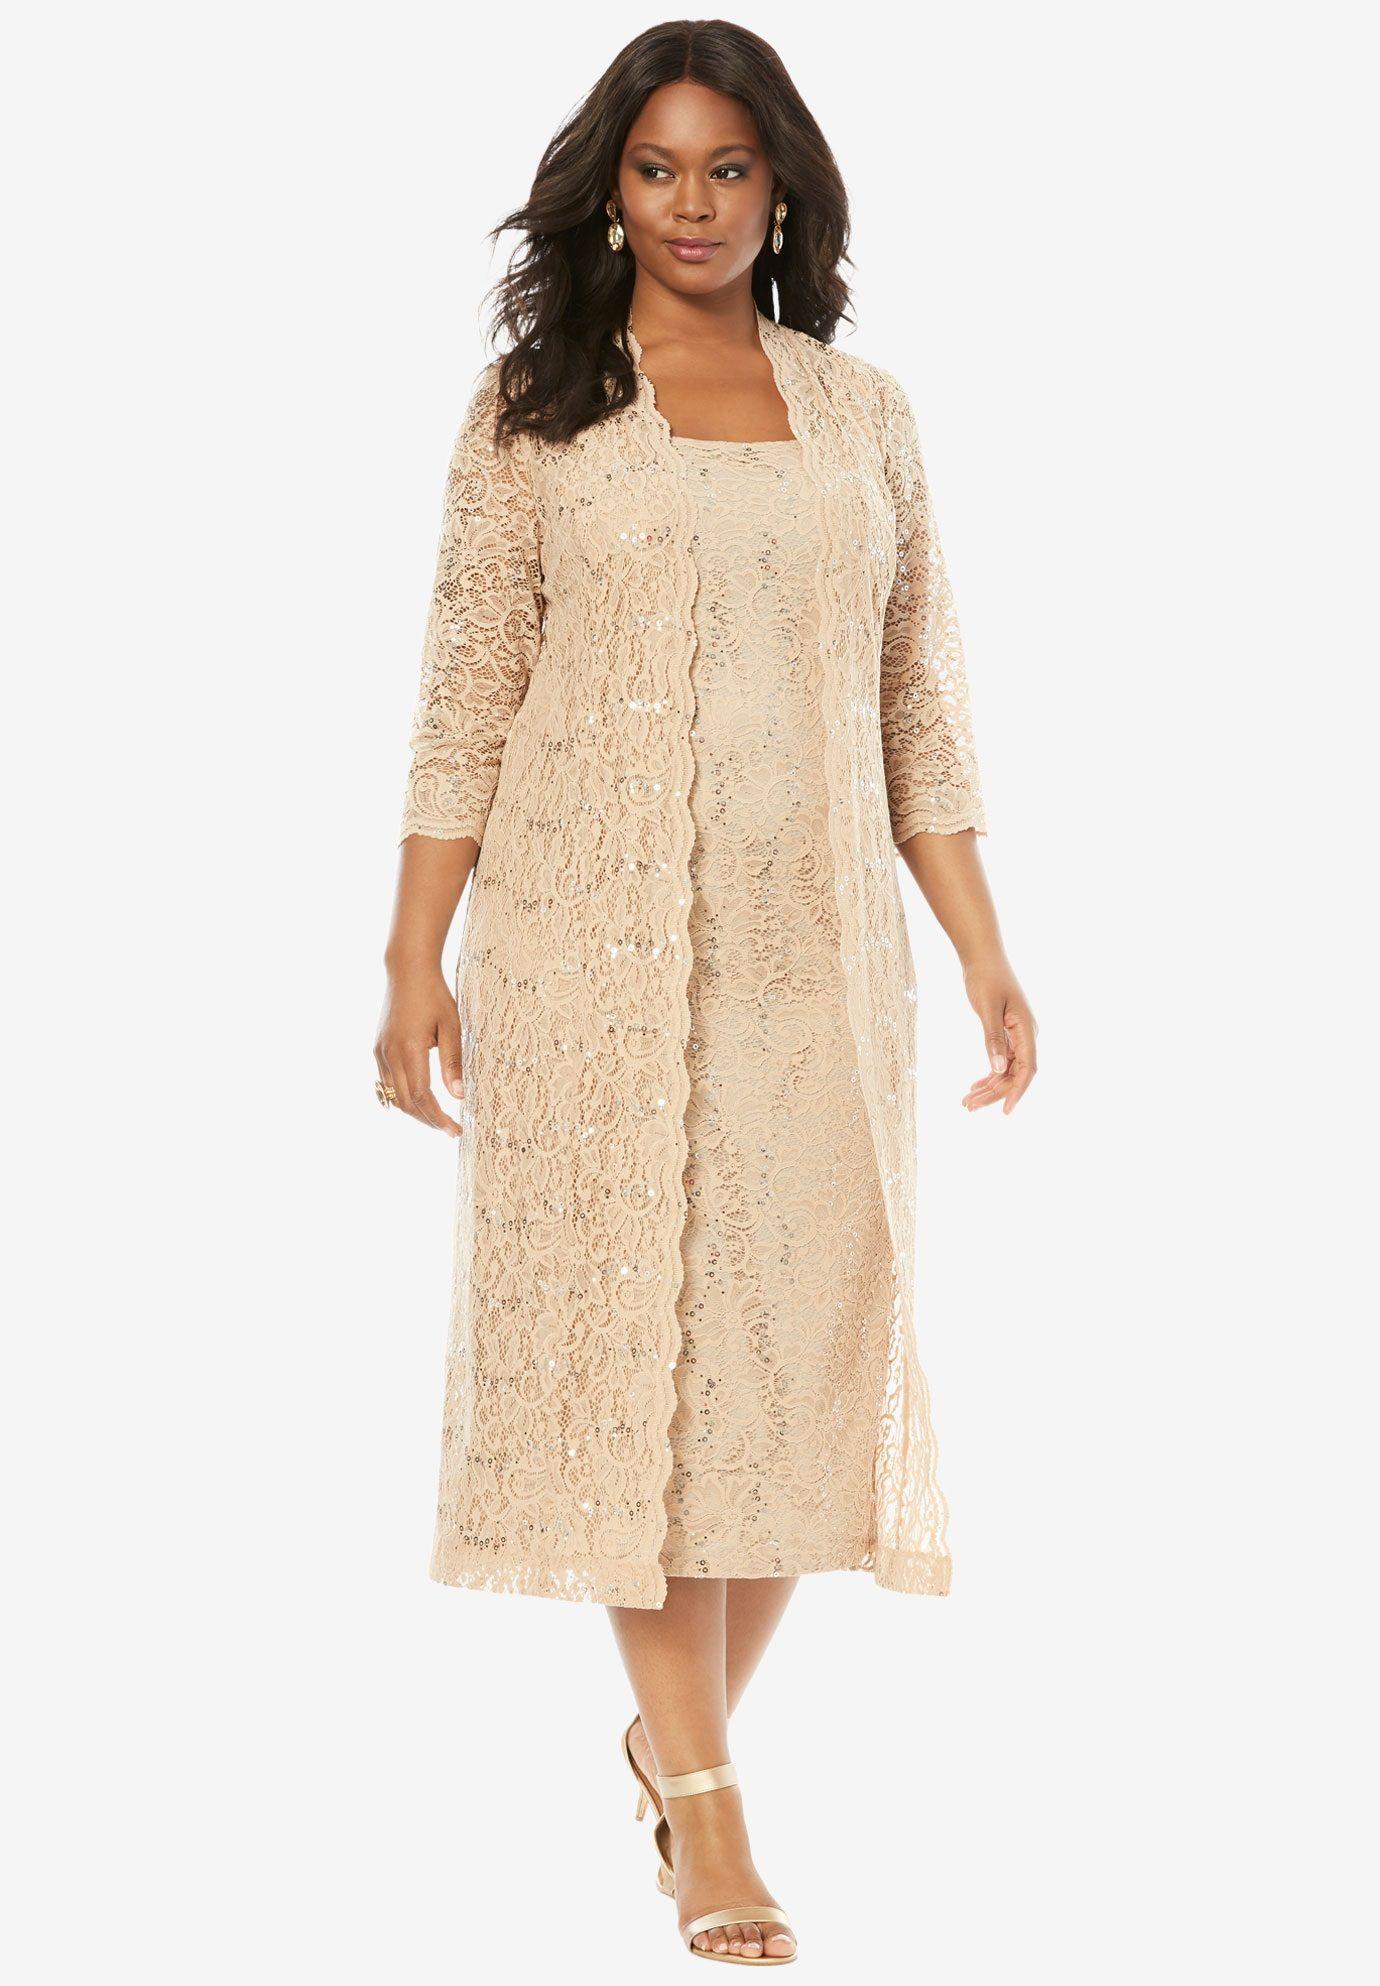 9df67207f8f27 Lace Duster Jacket Dress | Plus Size Dresses | Roamans | mom dresses ...